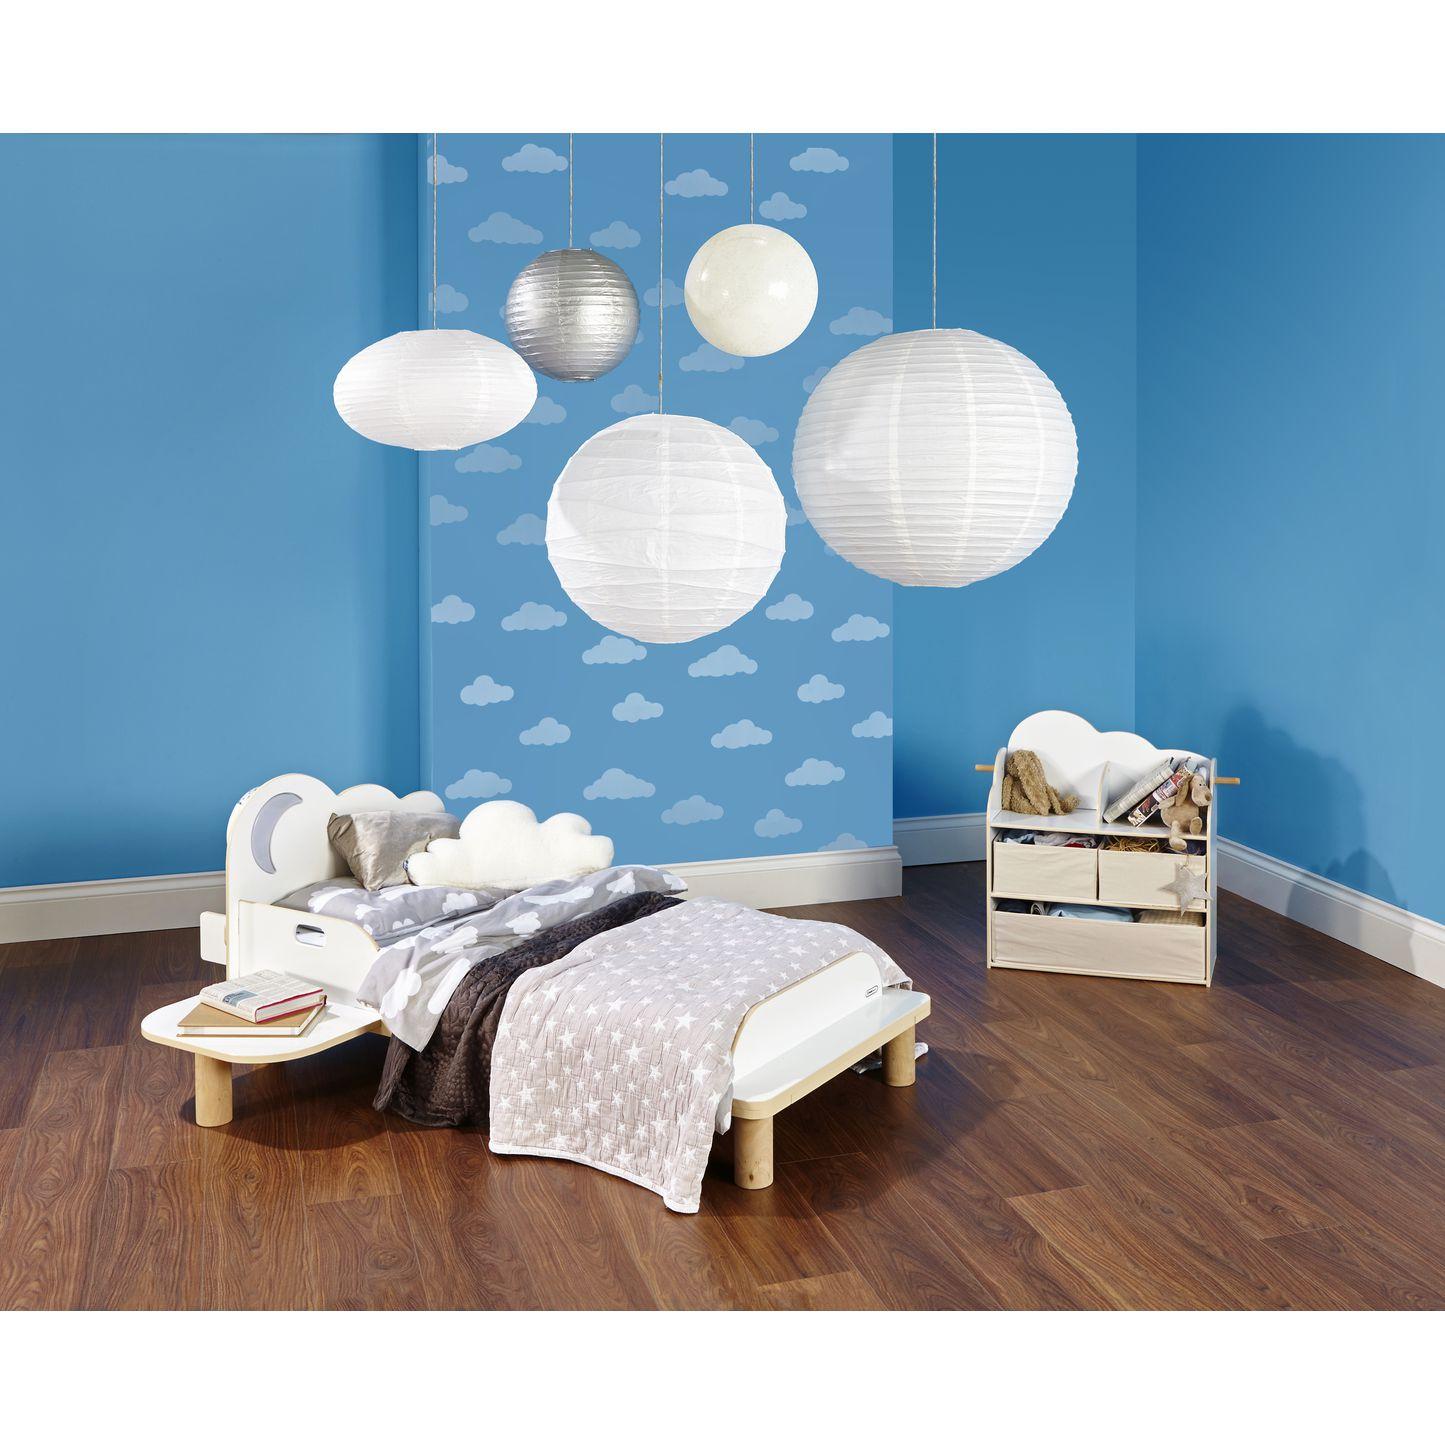 home24 Einzelbett Star Bright